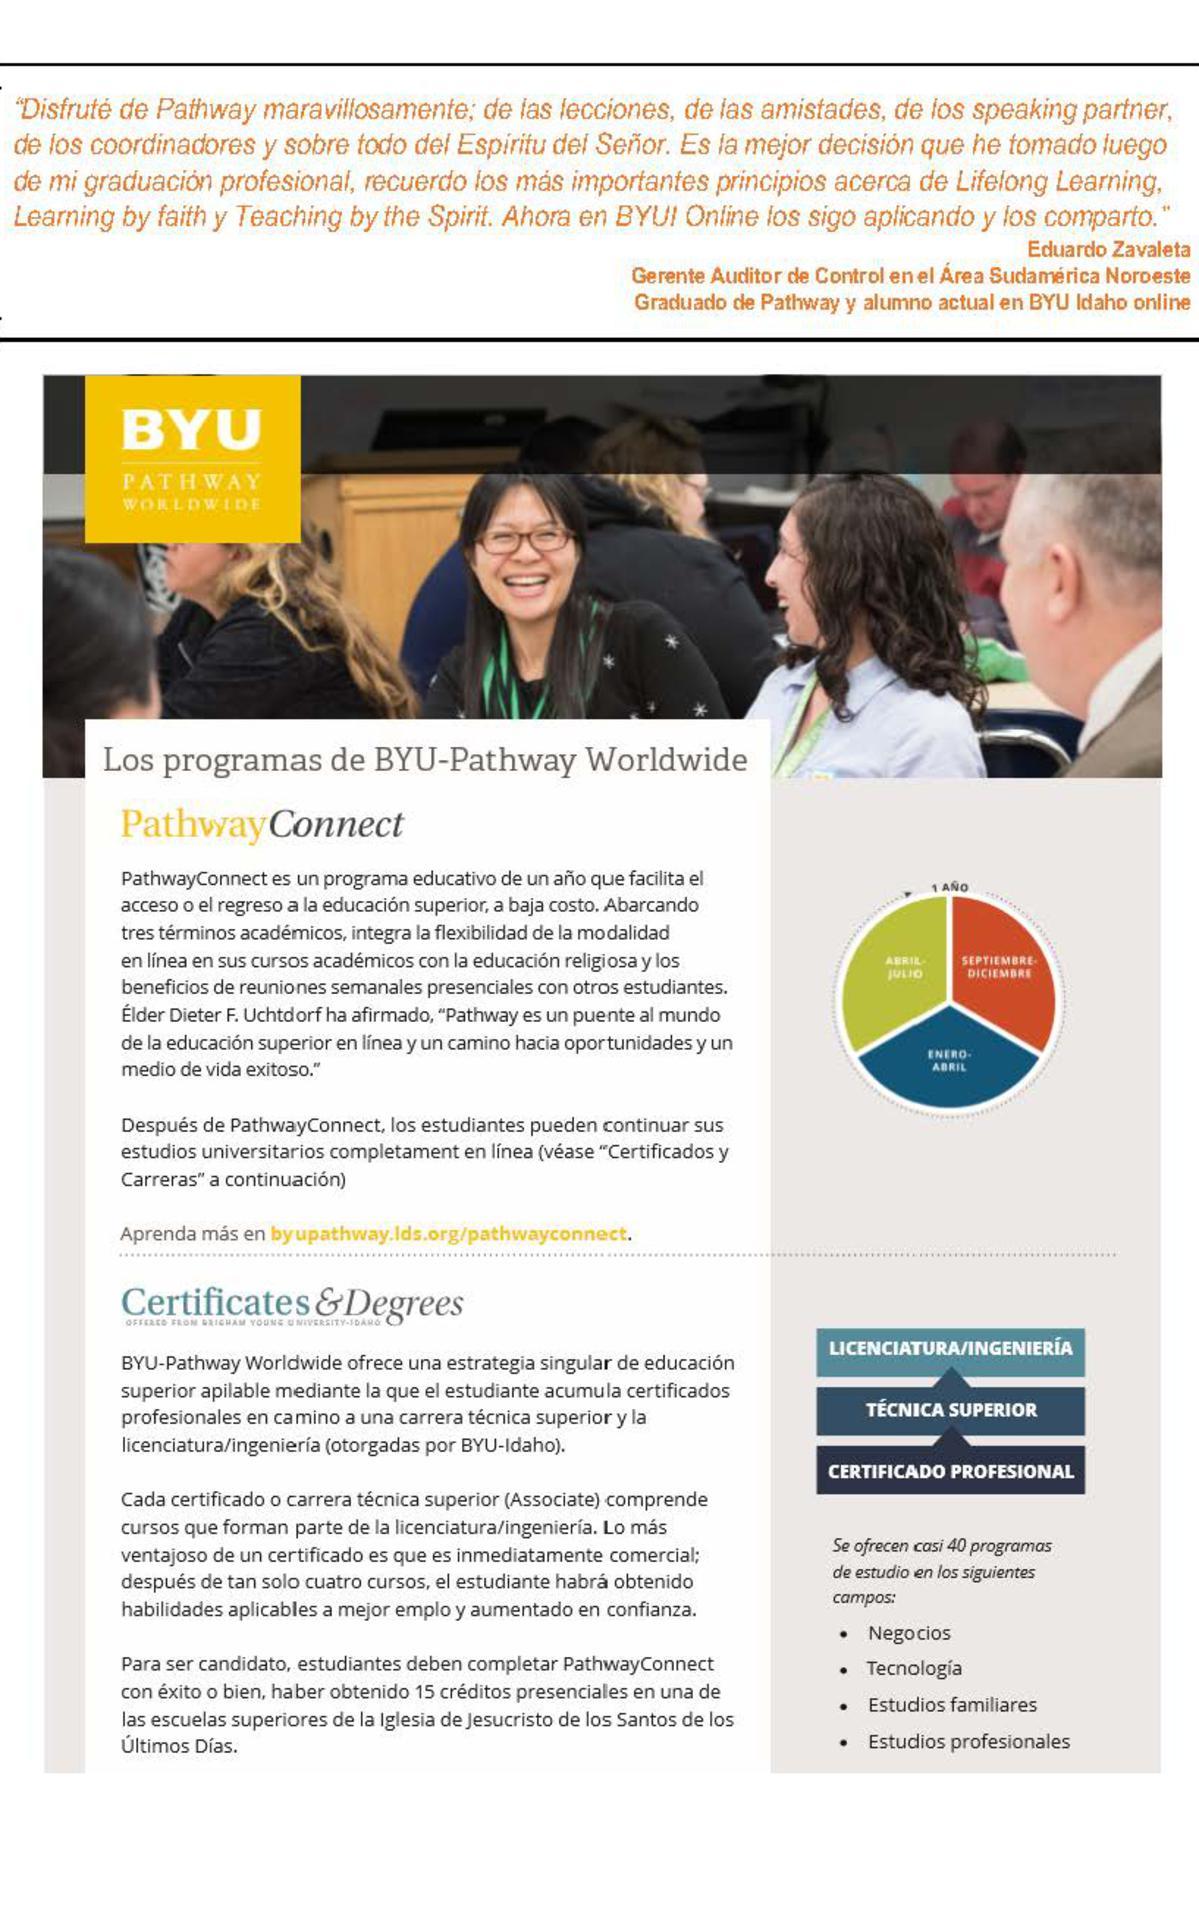 Información sobre BYU-Pathway Connect